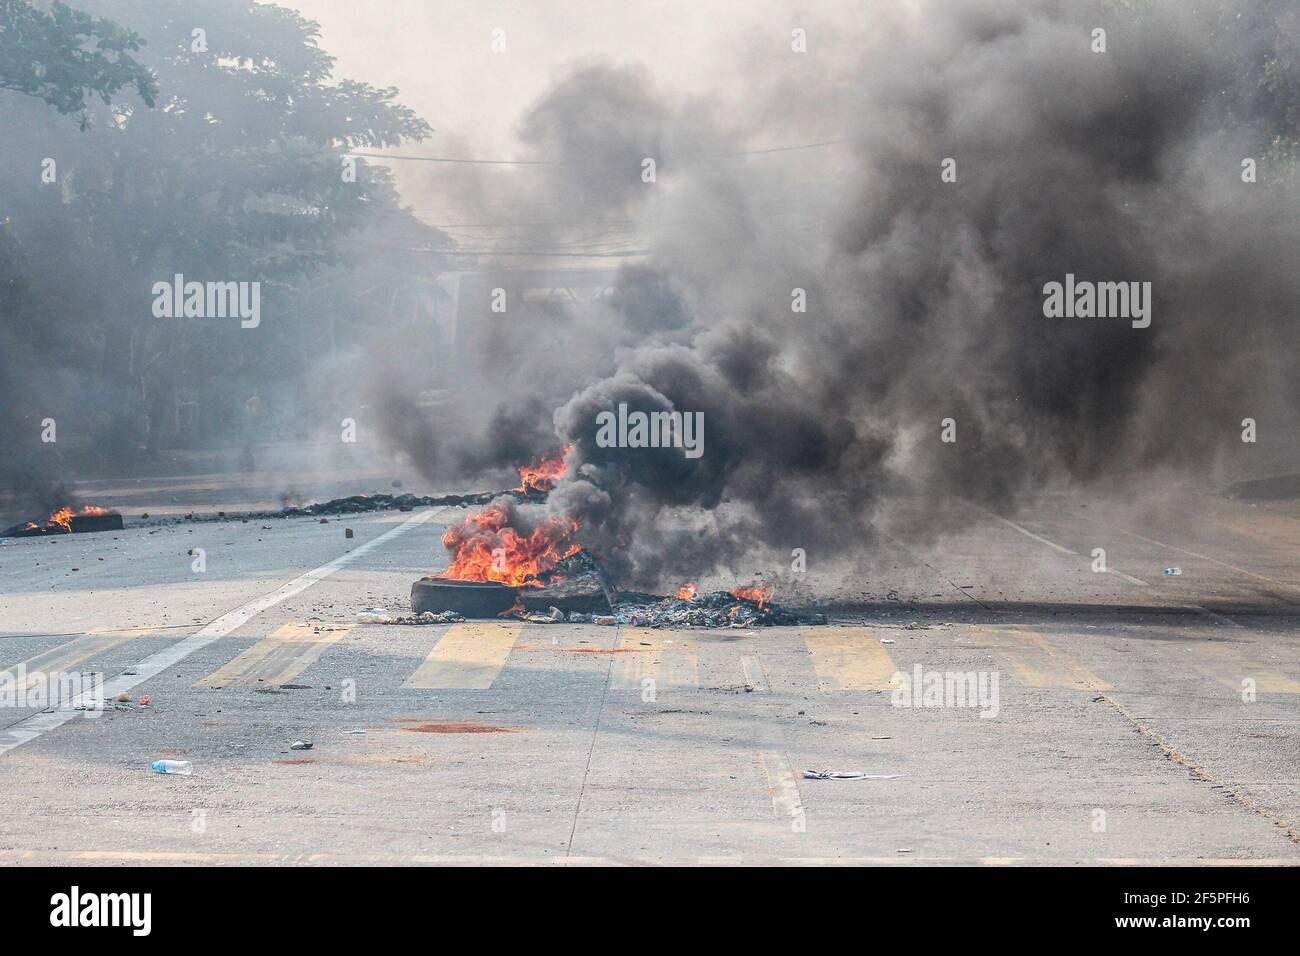 Quemando neumáticos vistos en el medio de la calle para impedir que la policía y los militares lleguen a los manifestantes antidemocráticos durante una protesta contra el golpe militar.la policía y los soldados militares de Myanmar (tatmadow) atacaron a los manifestantes con balas de goma, municiones vivas, Gas lacrimógeno y bombas de aturdimiento en respuesta a los manifestantes contra el golpe militar el sábado, matando a más de 90 personas e hirieron a muchas otras. Al menos 300 personas han sido asesinadas en Myanmar desde el golpe de Estado del 1 de febrero, dijo un funcionario de derechos humanos de la ONU. El ejército de Myanmar detuvo a la Consejera de Estado de Myanmar, Aung San Suu Kyi, el pasado mes de febrero Foto de stock